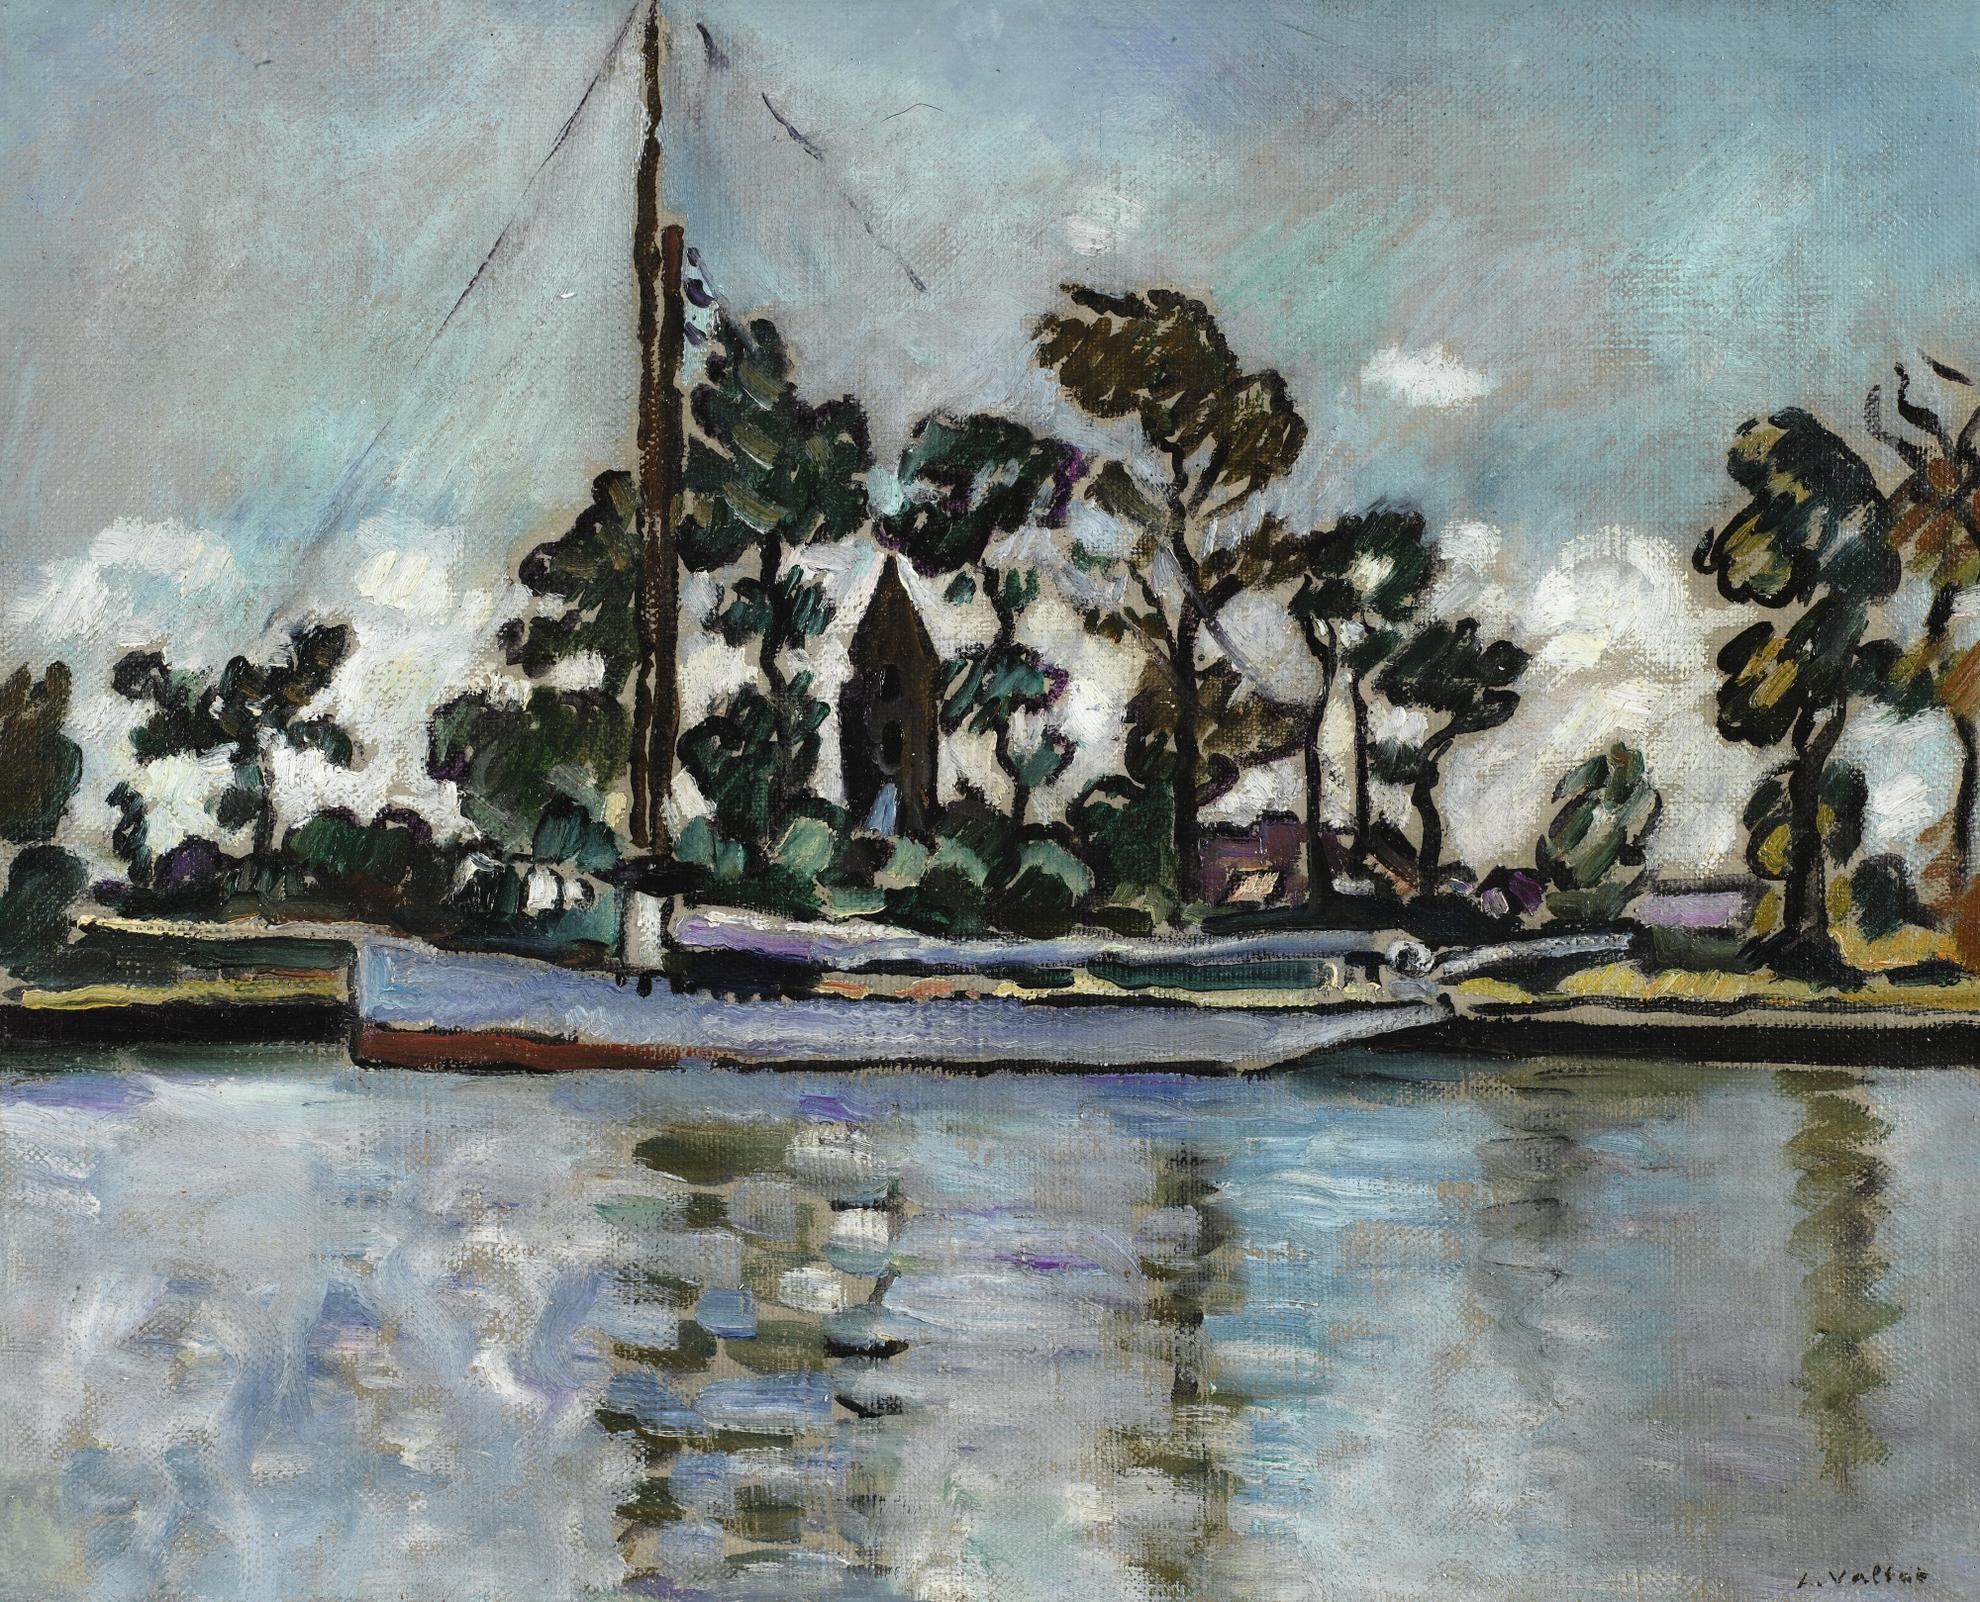 Louis Valtat-Bateau Sur Le Canal, Ouistreham-1930